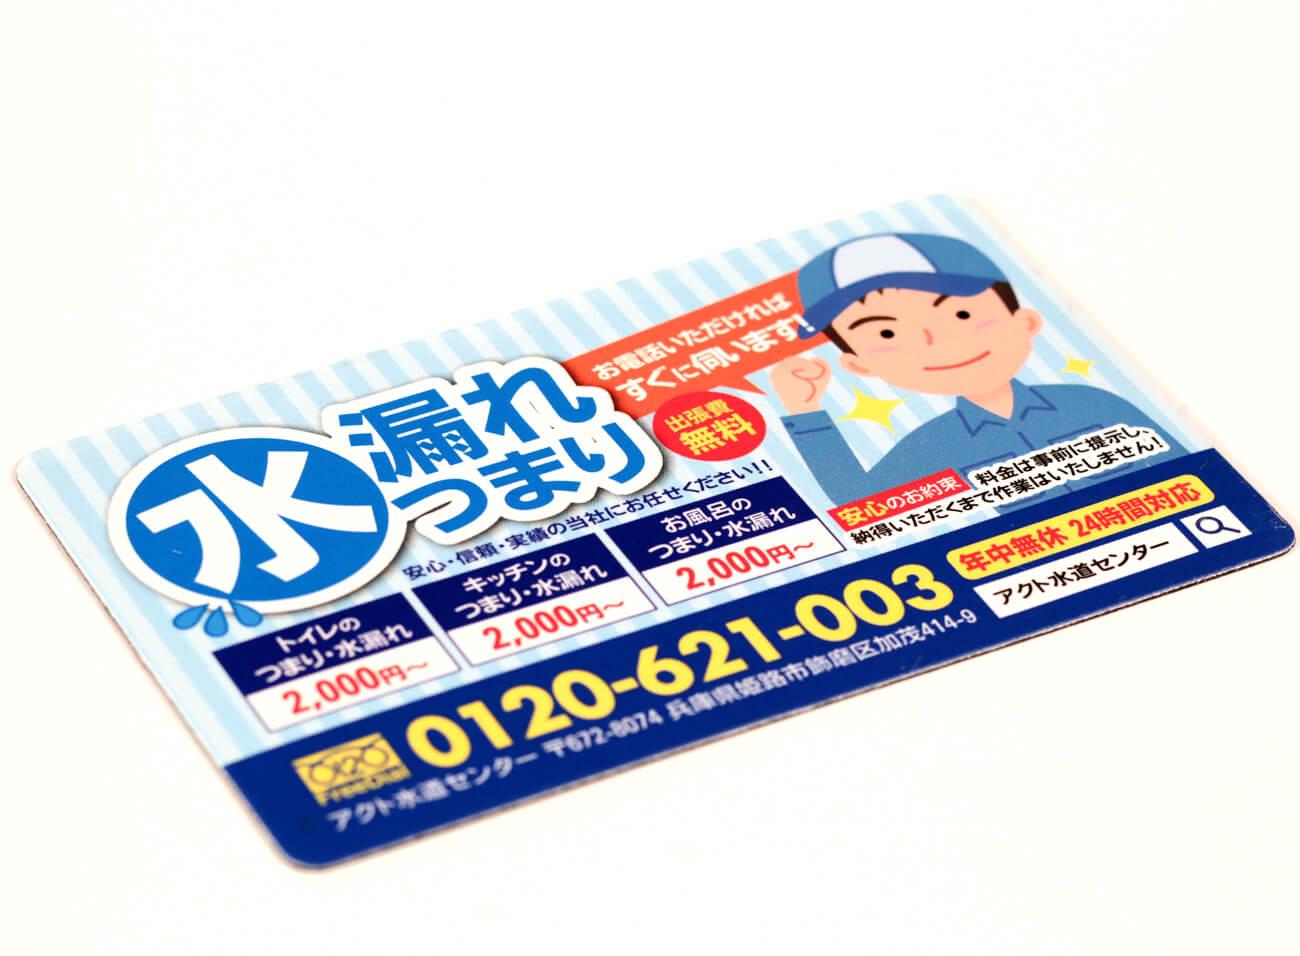 姫路市 アクト水道センター様 マグネット印刷2